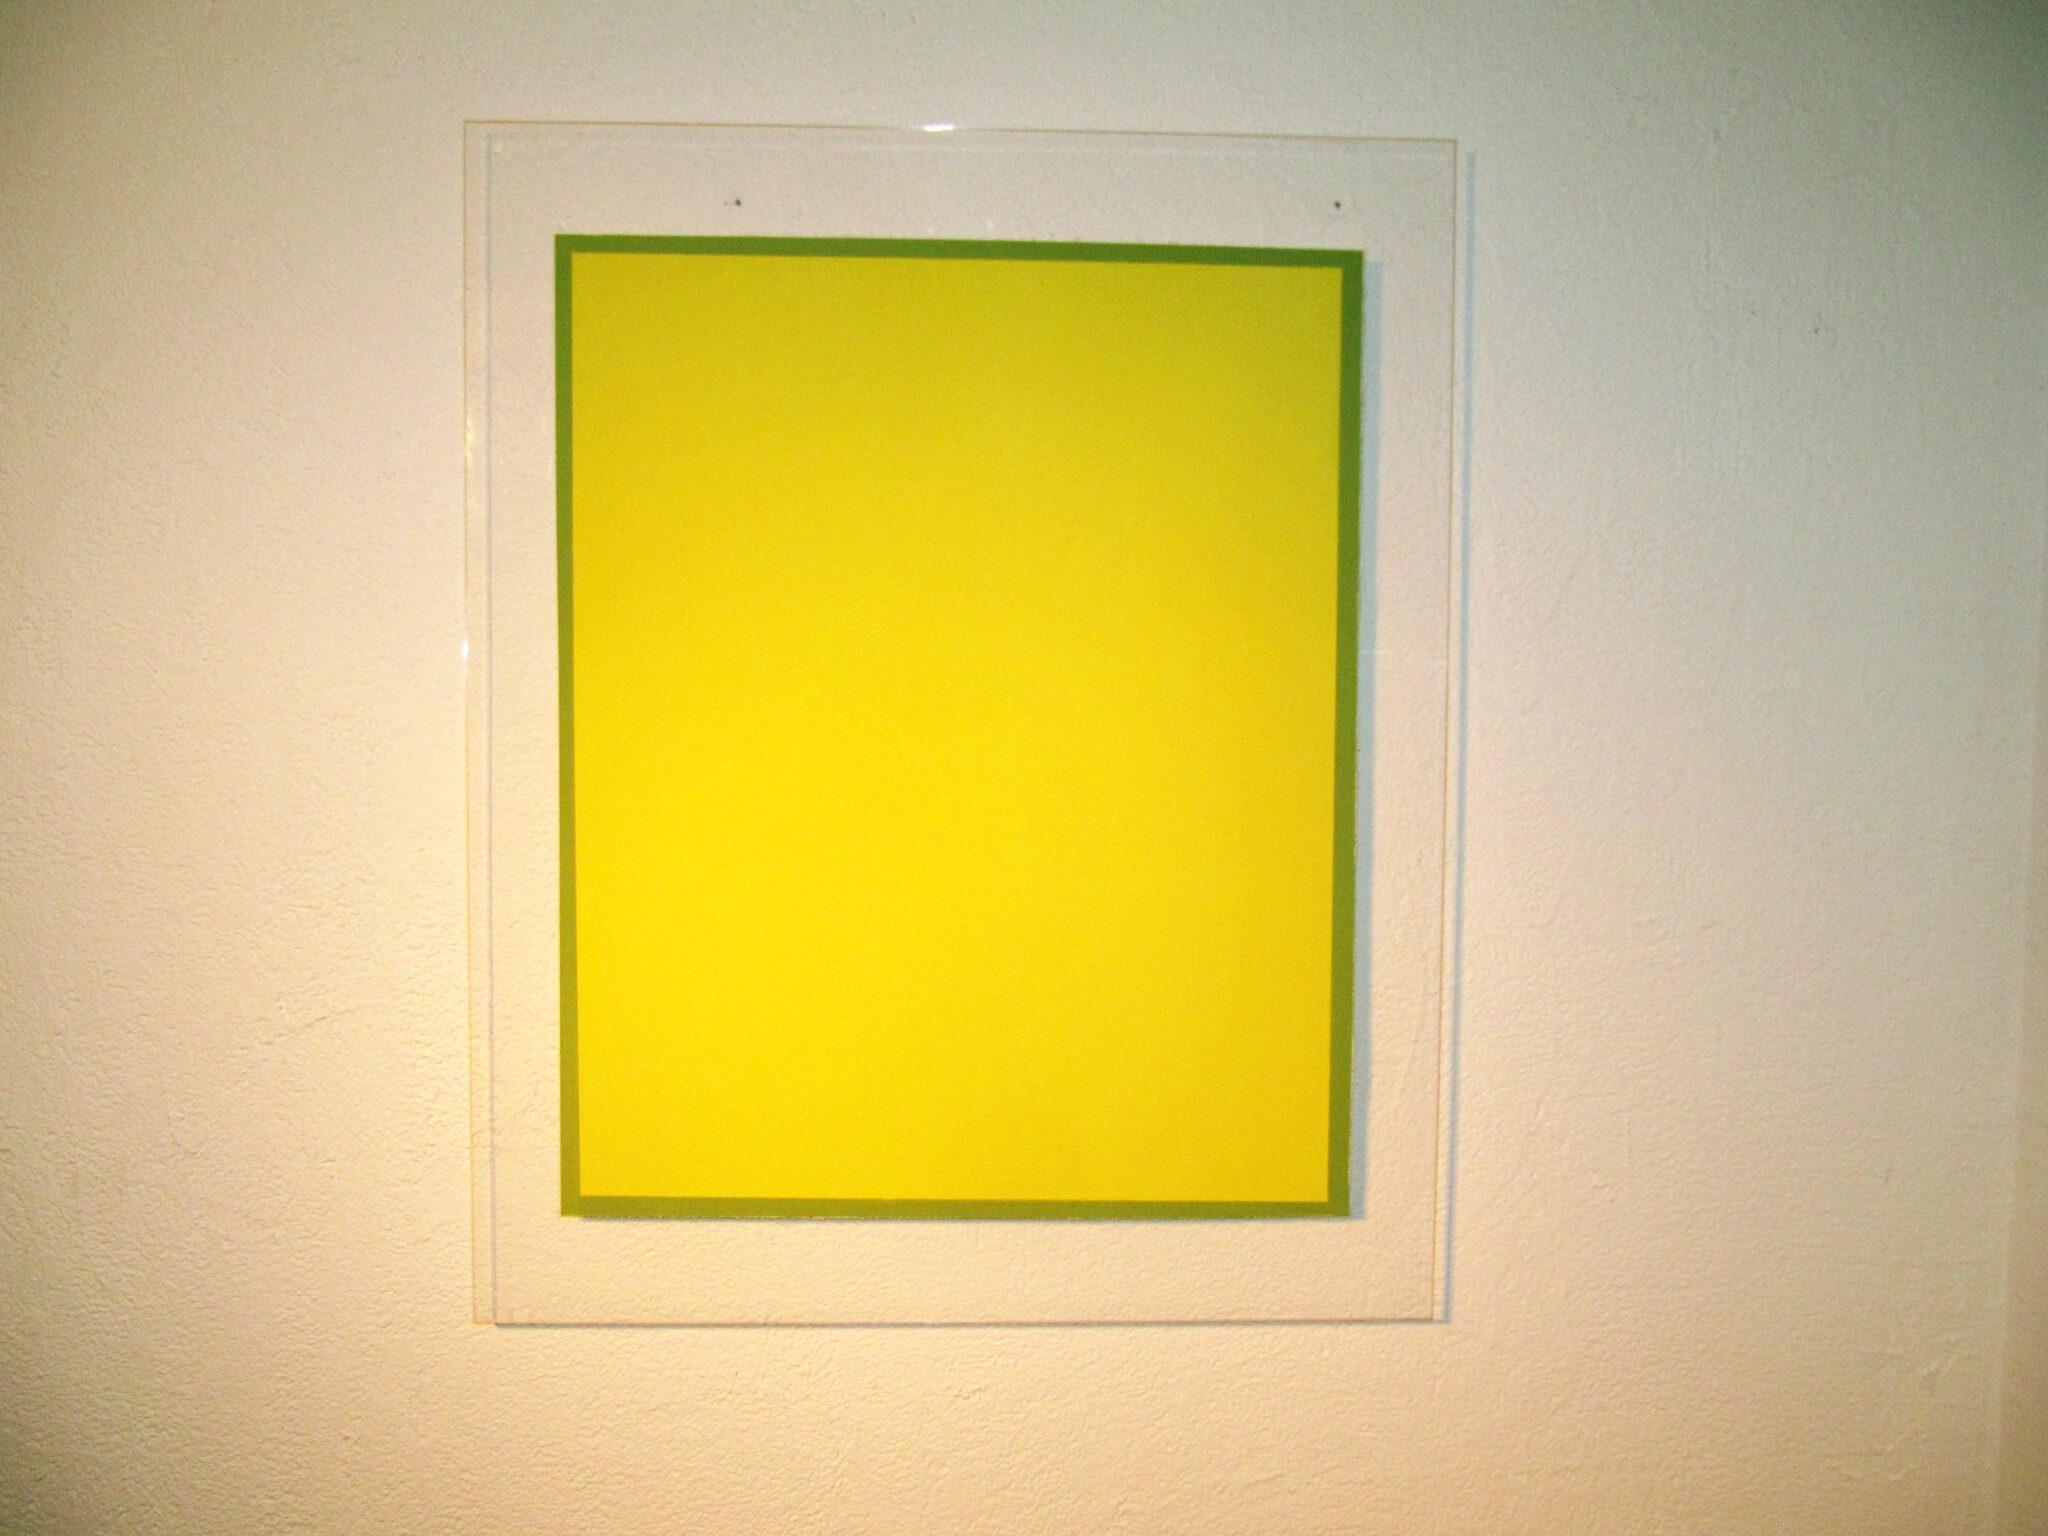 radical painting - gelb-blau, 2011 /pigmente auf plexi